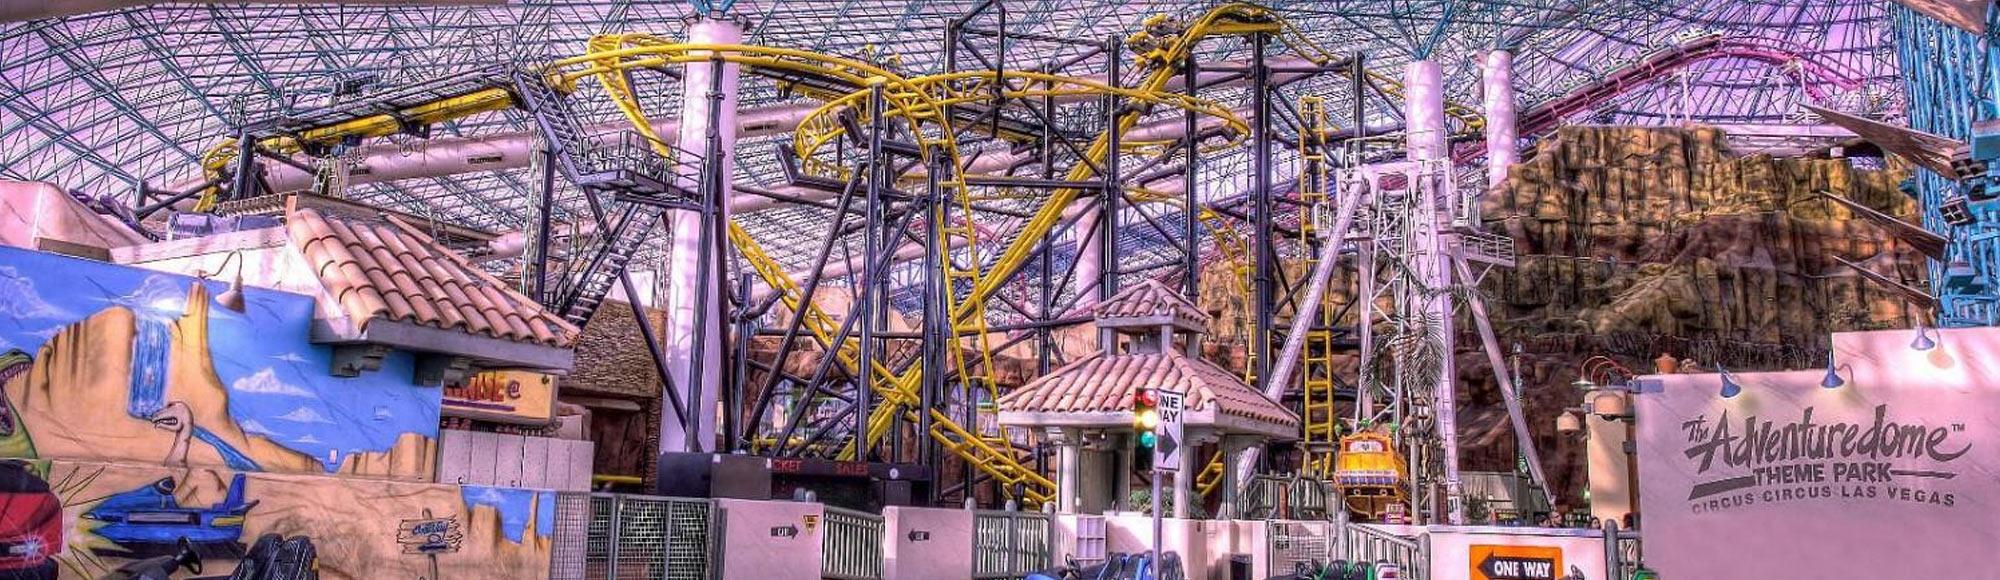 Adventuredome Las Vegas Nevada Vegas Com